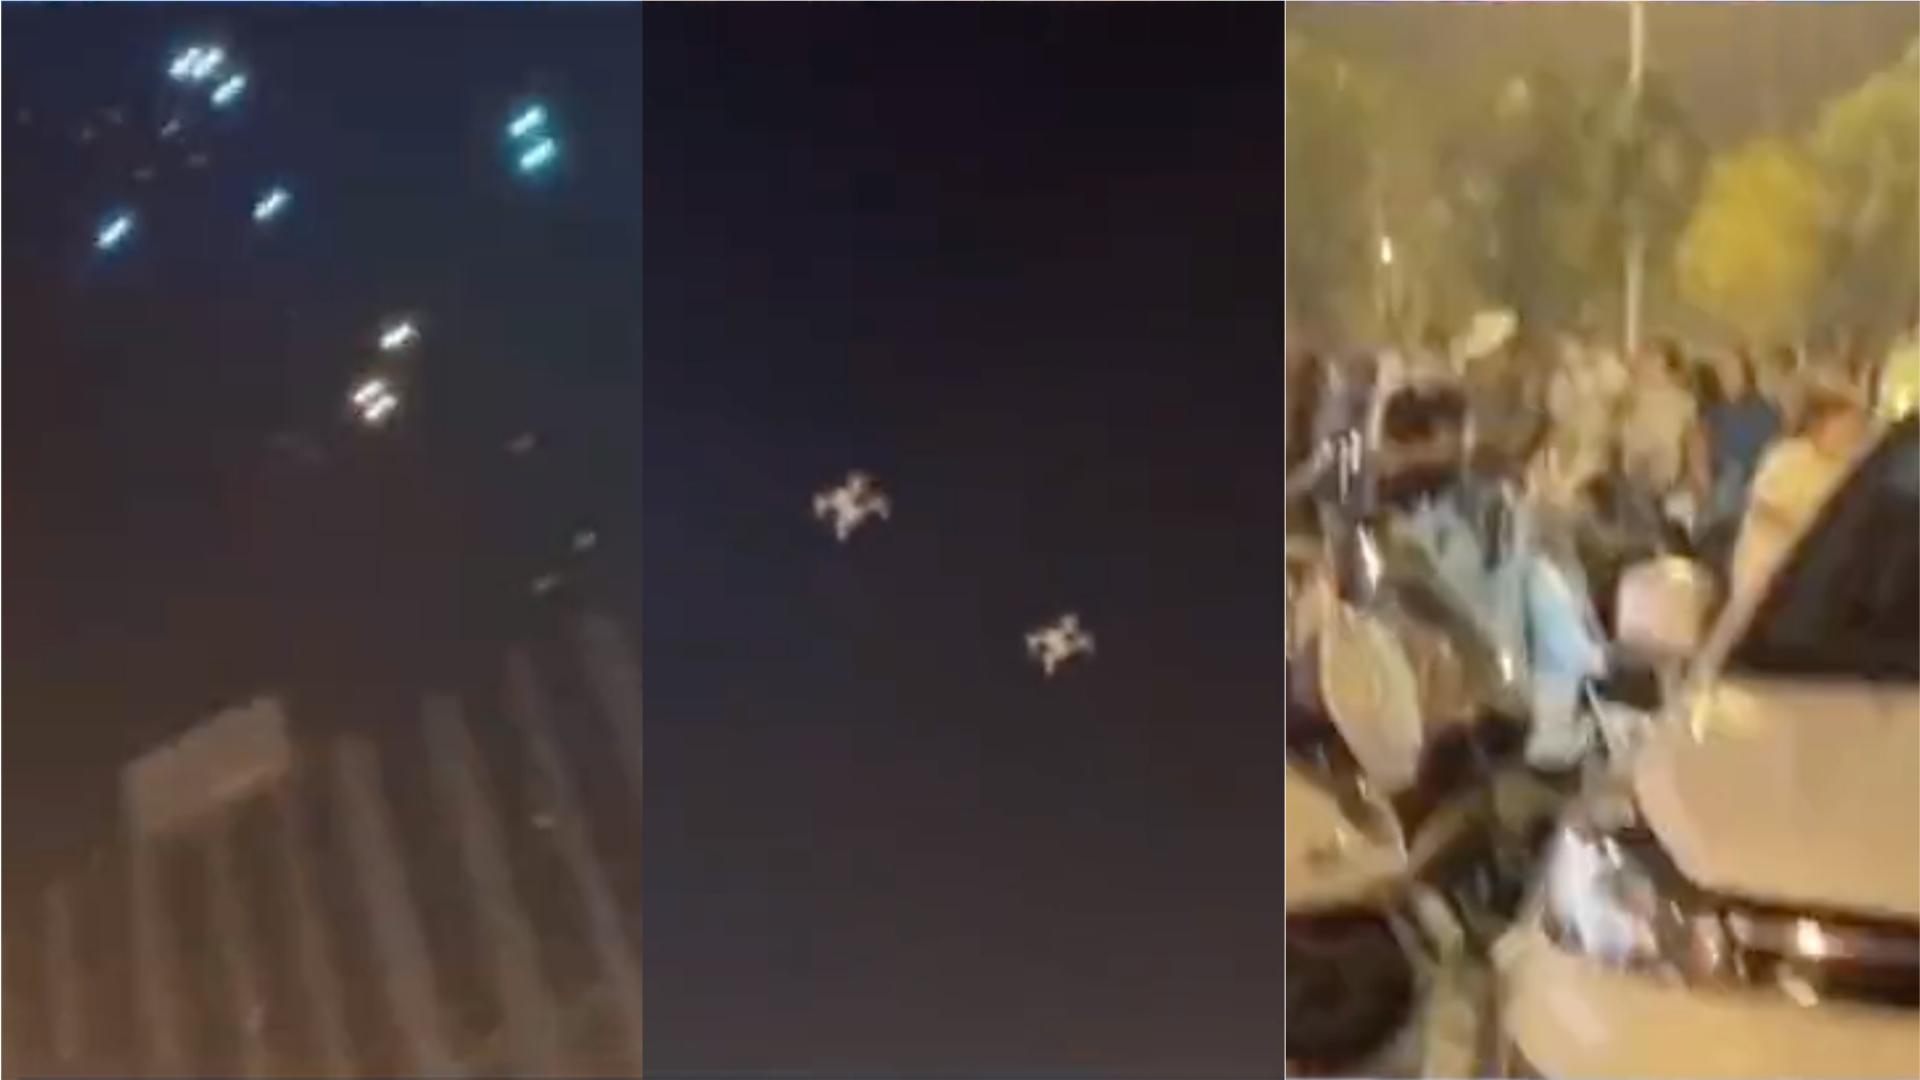 鄭州無人機表演發生墜機意外如「流星雨」 主辦方:被惡意干擾訊號